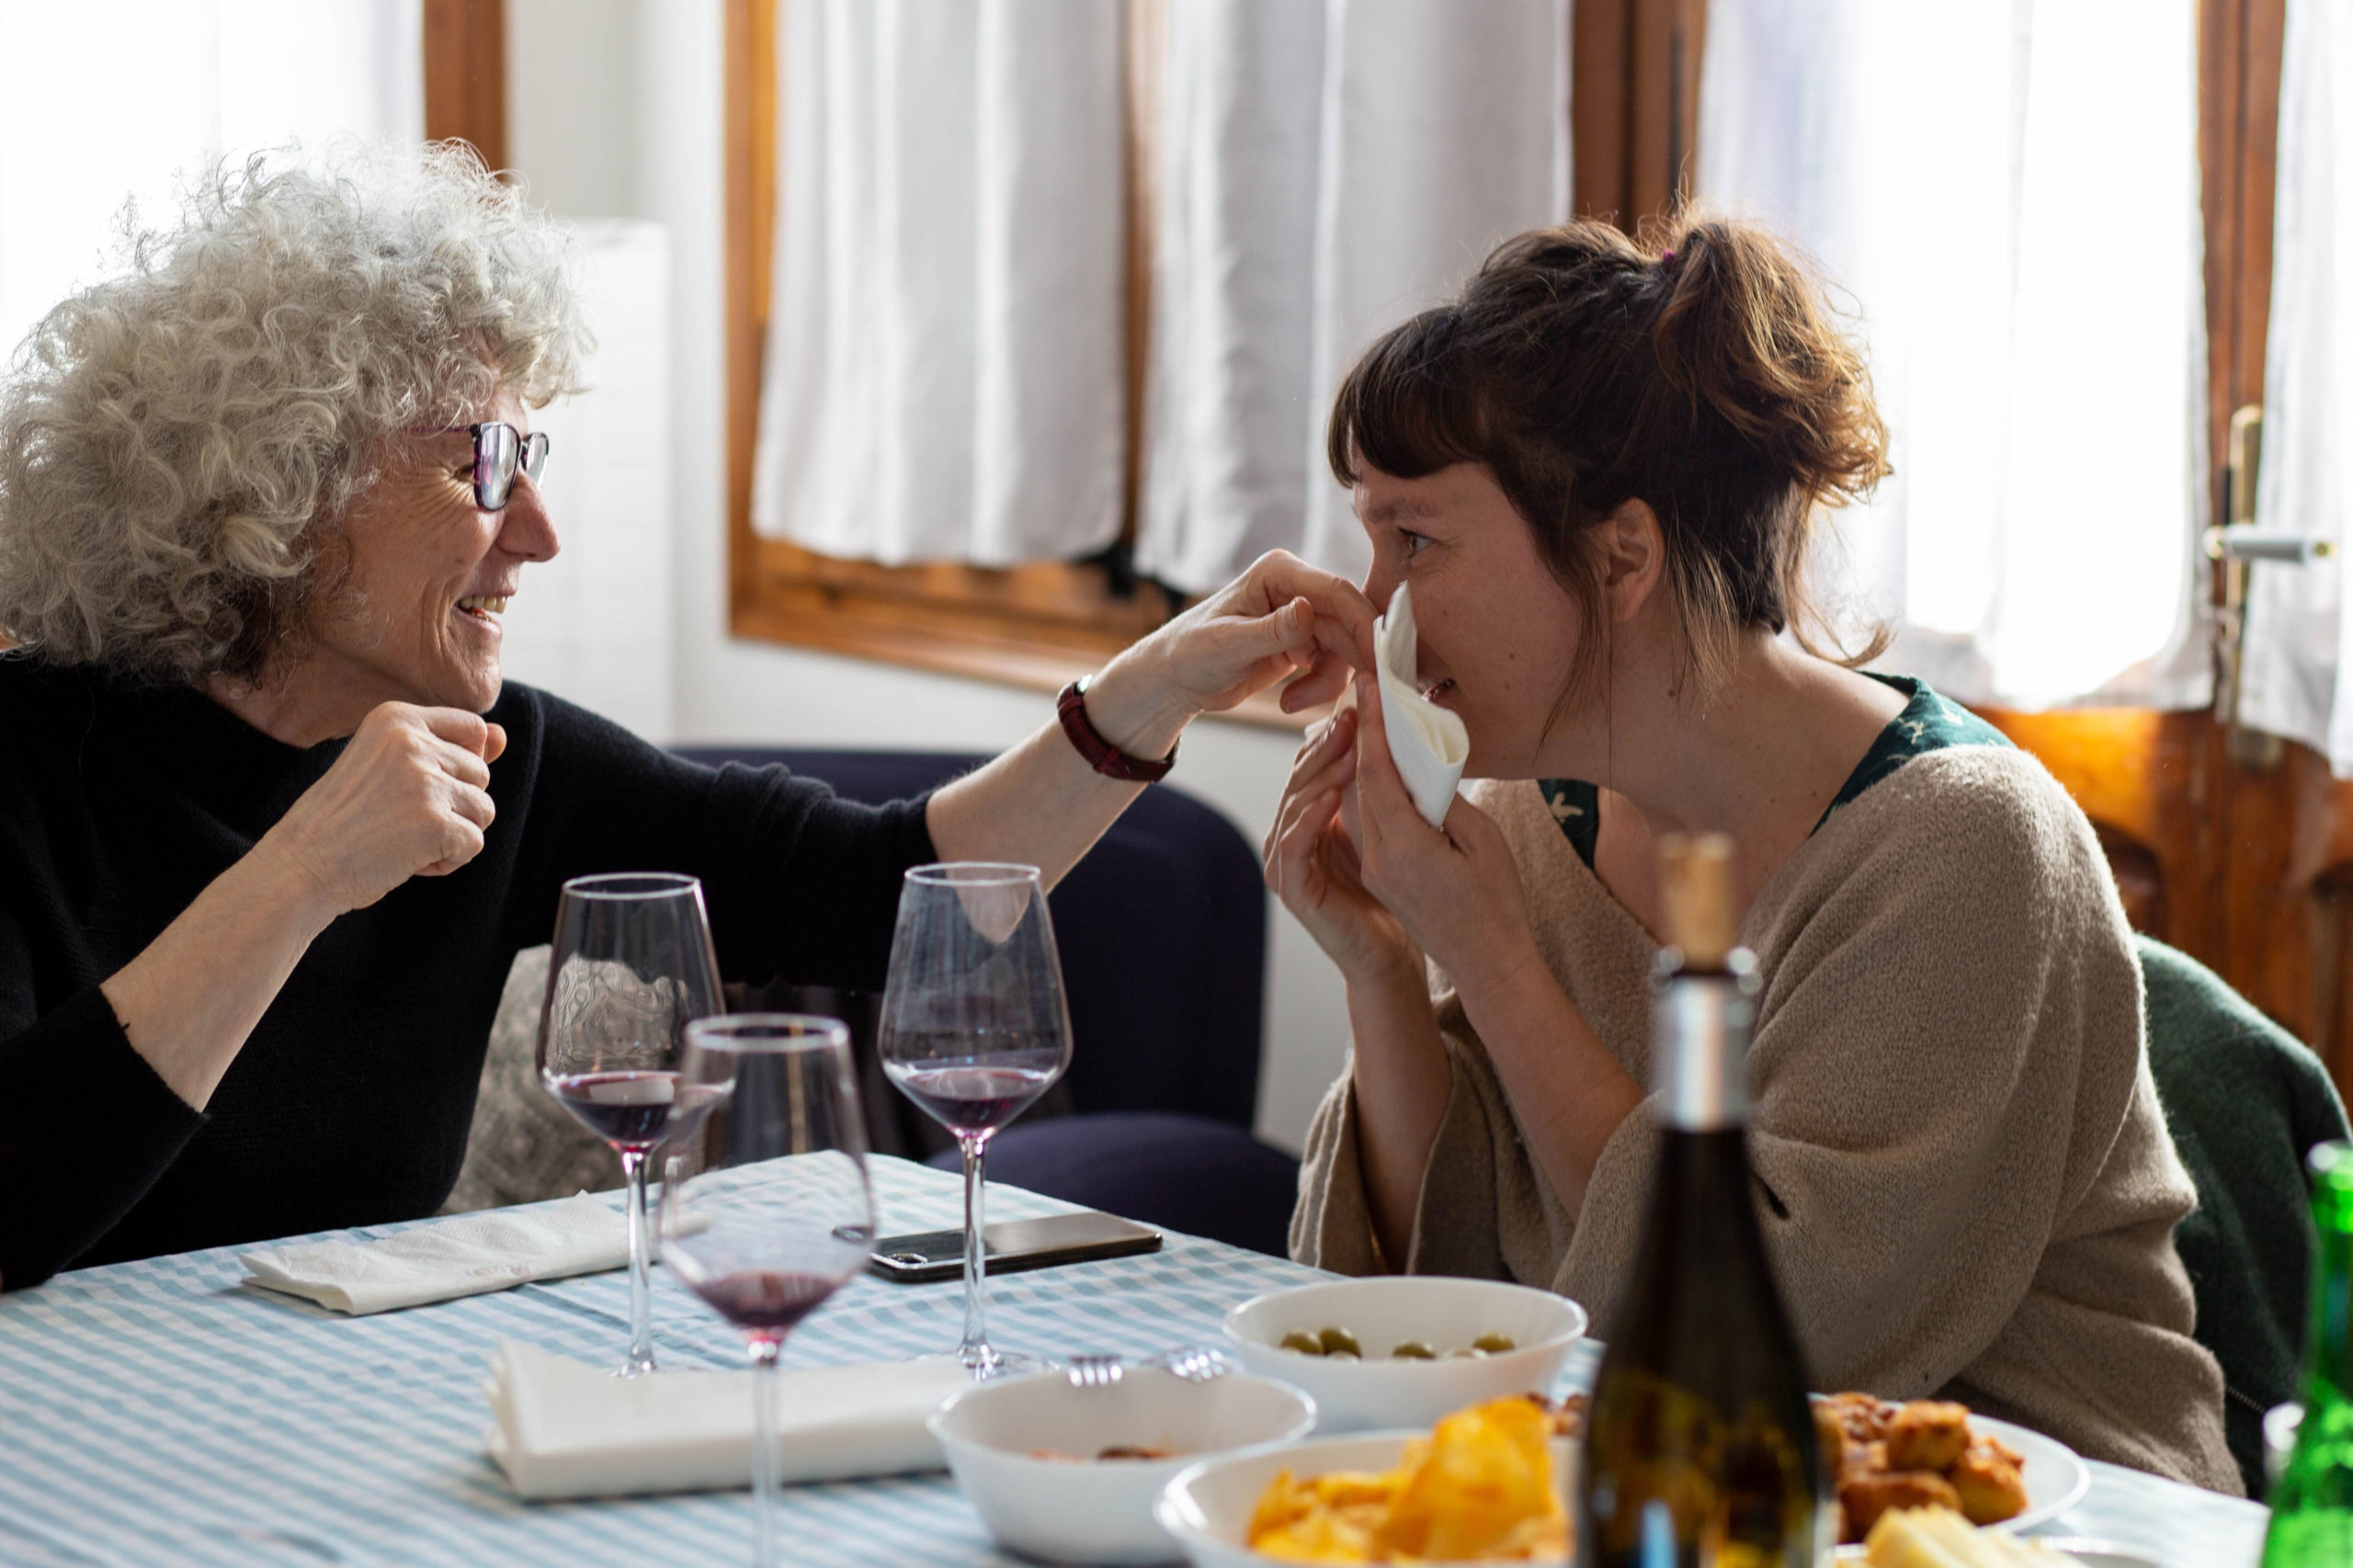 Dues dones agafades fent un gest carinyós en un dinar al menjador de casa